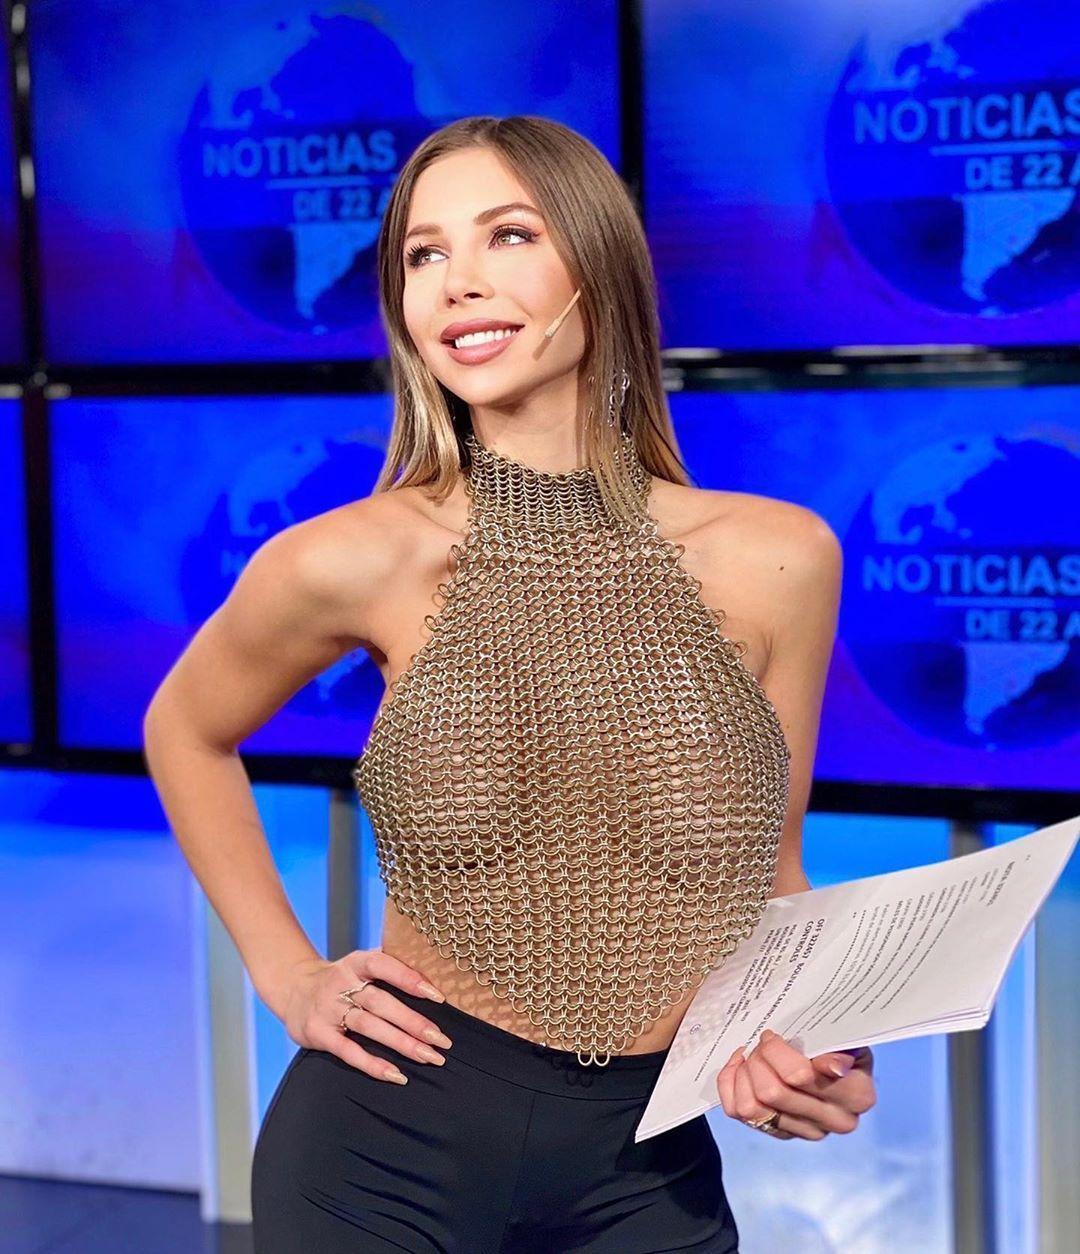 阿根廷有線電視台女主播ROMINA MALASPINA爆紅。(翻攝自ROMINA IG)